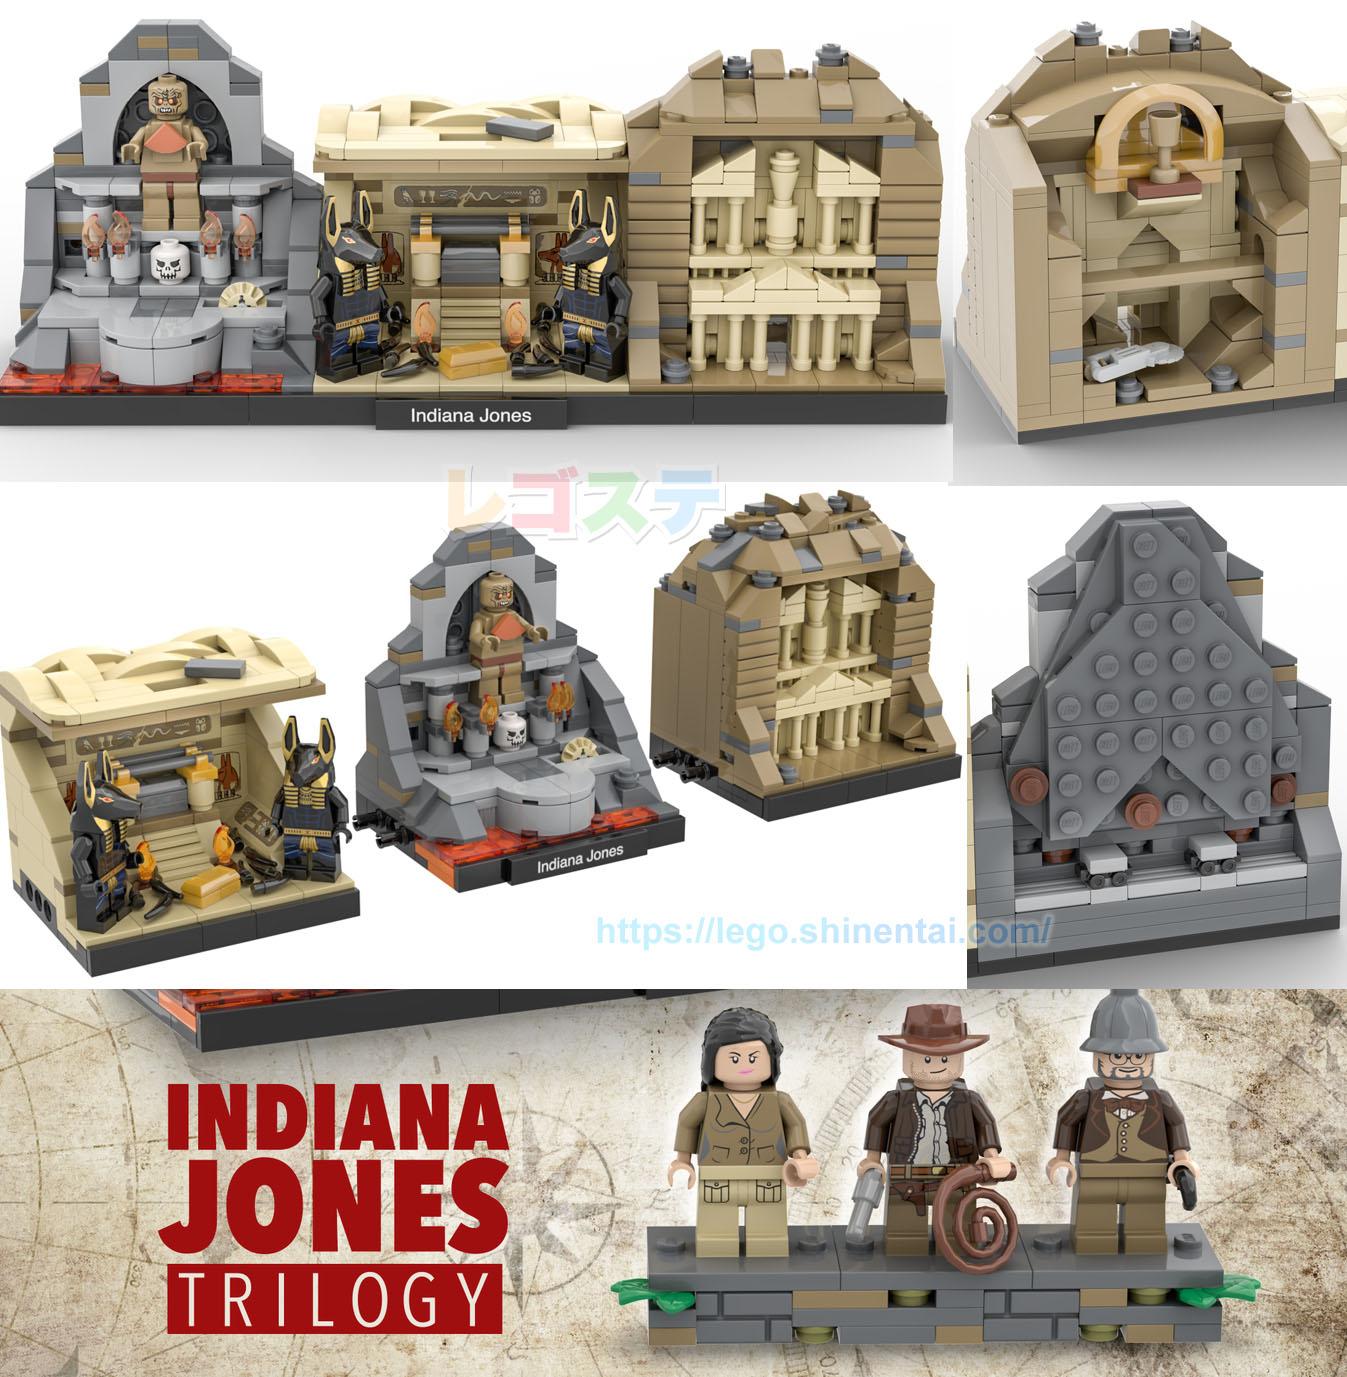 インディ・ジョーンズ三部作のシーン:Indiana Jones Trilogy